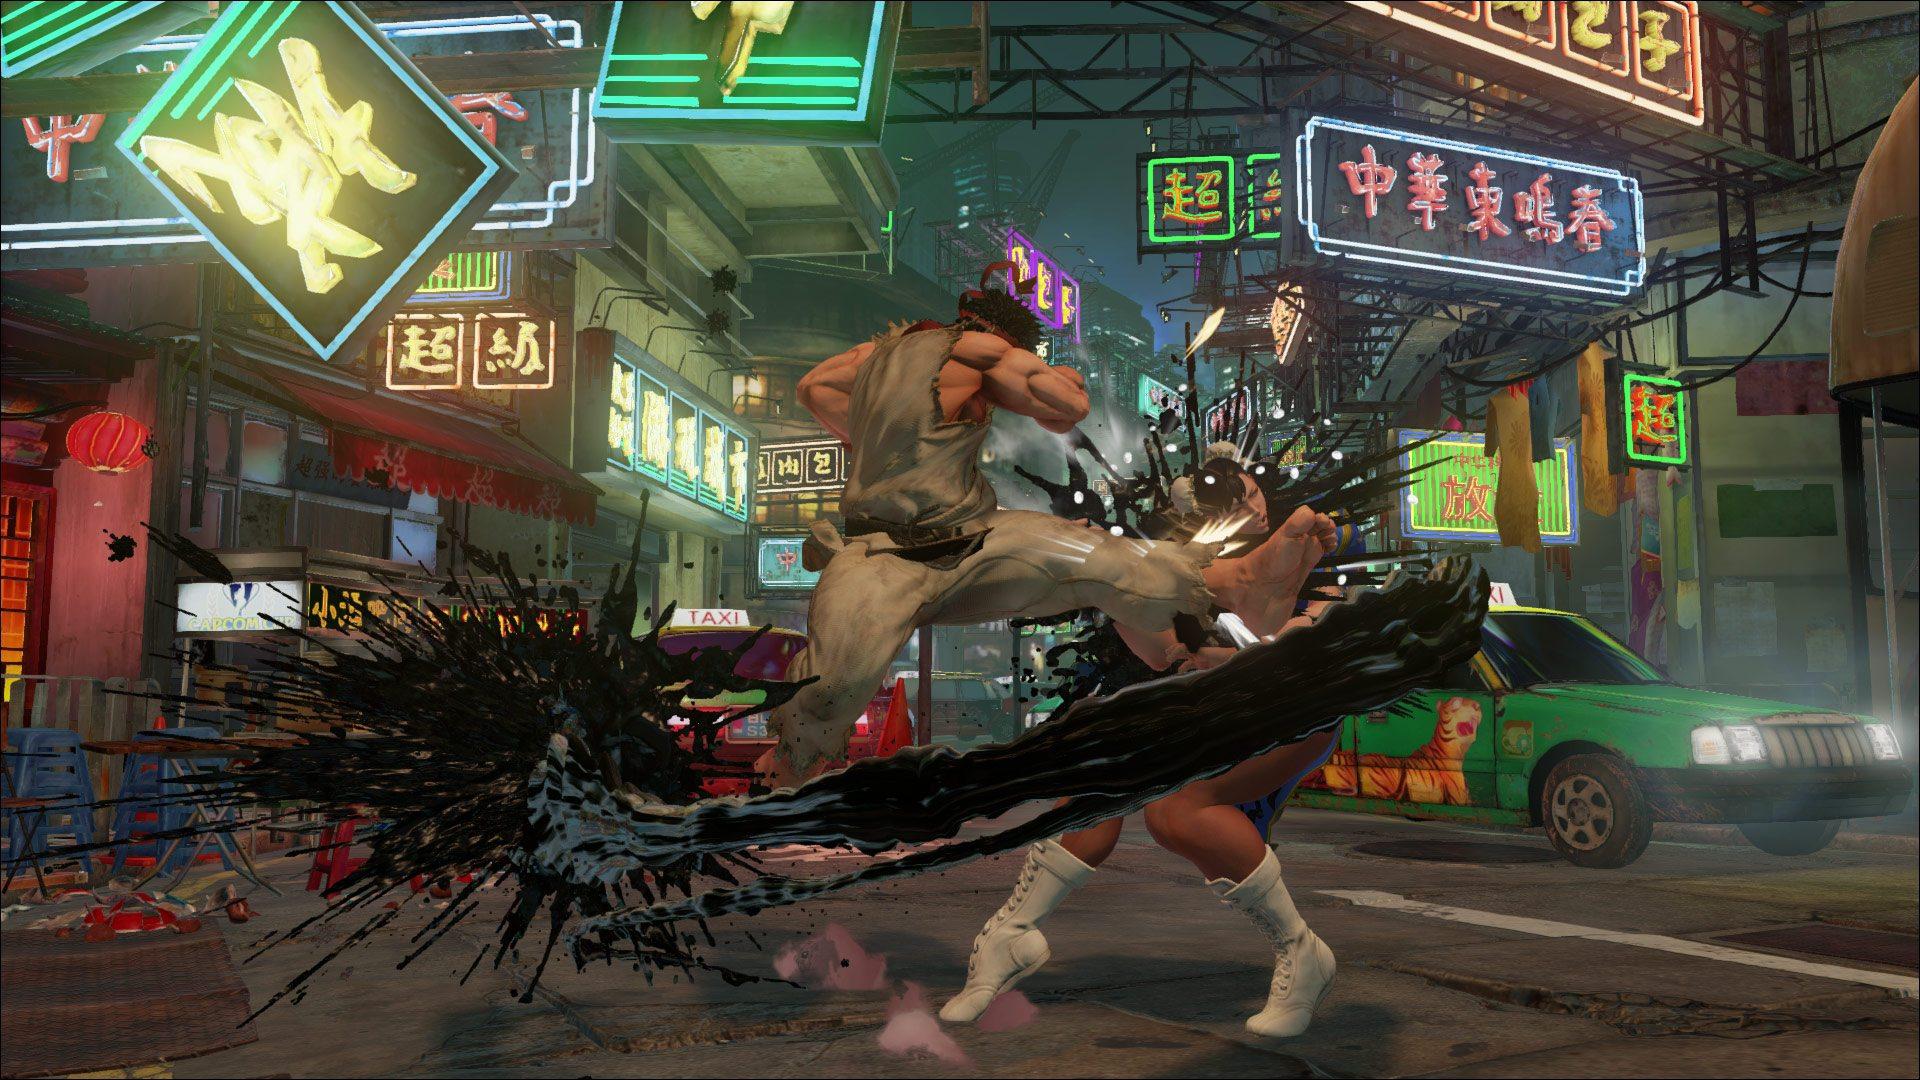 Street Fighter V image 2